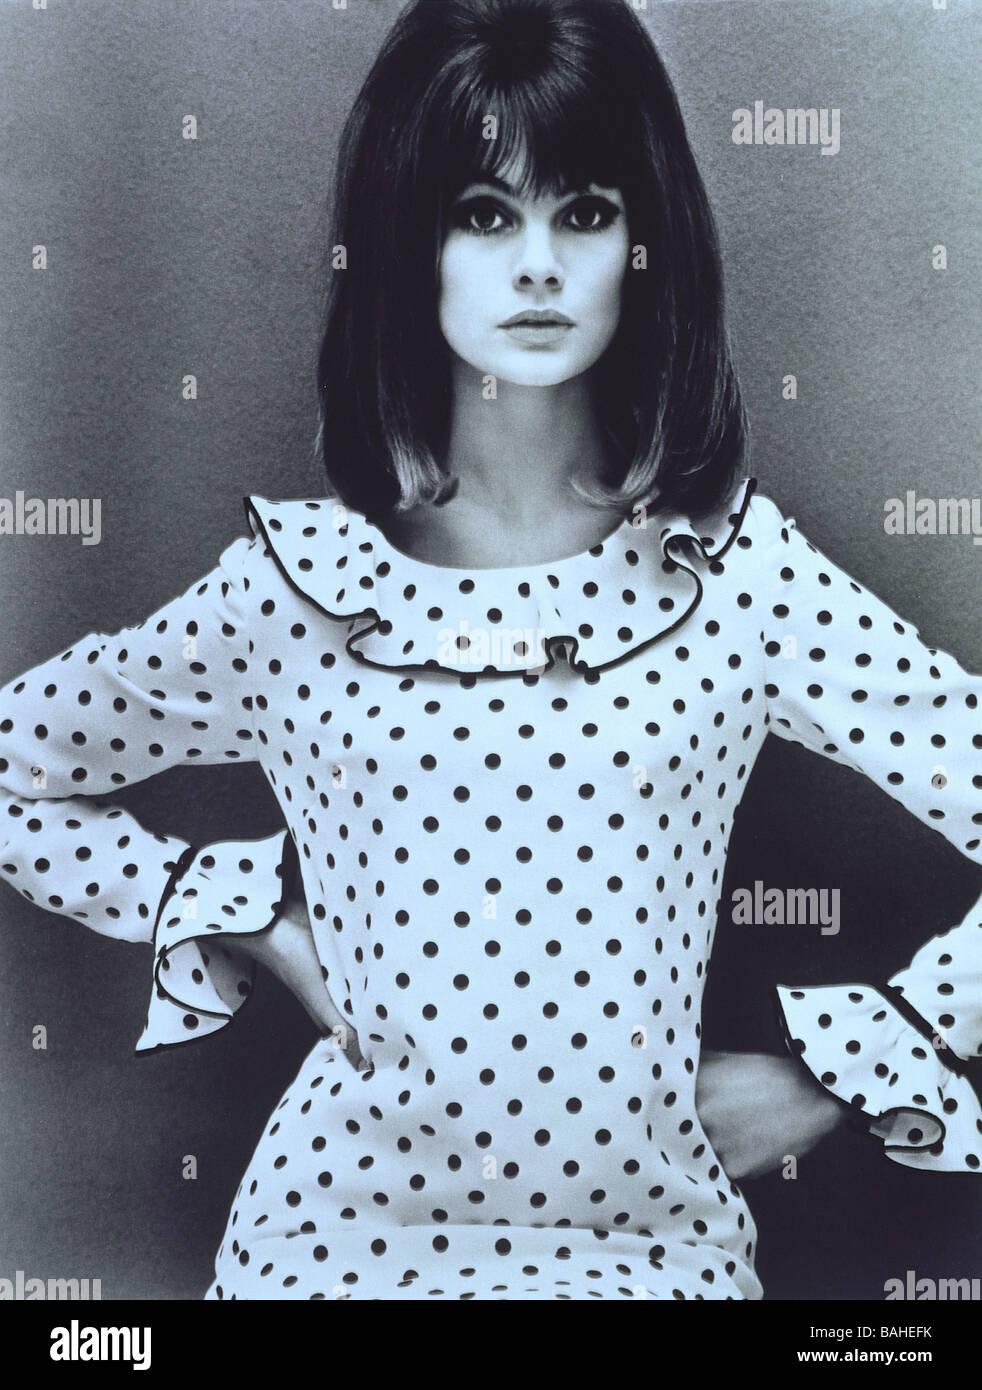 Jean Shrimpton in una Maria Quant abito. Foto di Giovanni francese. Inghilterra, 1964. Immagini Stock